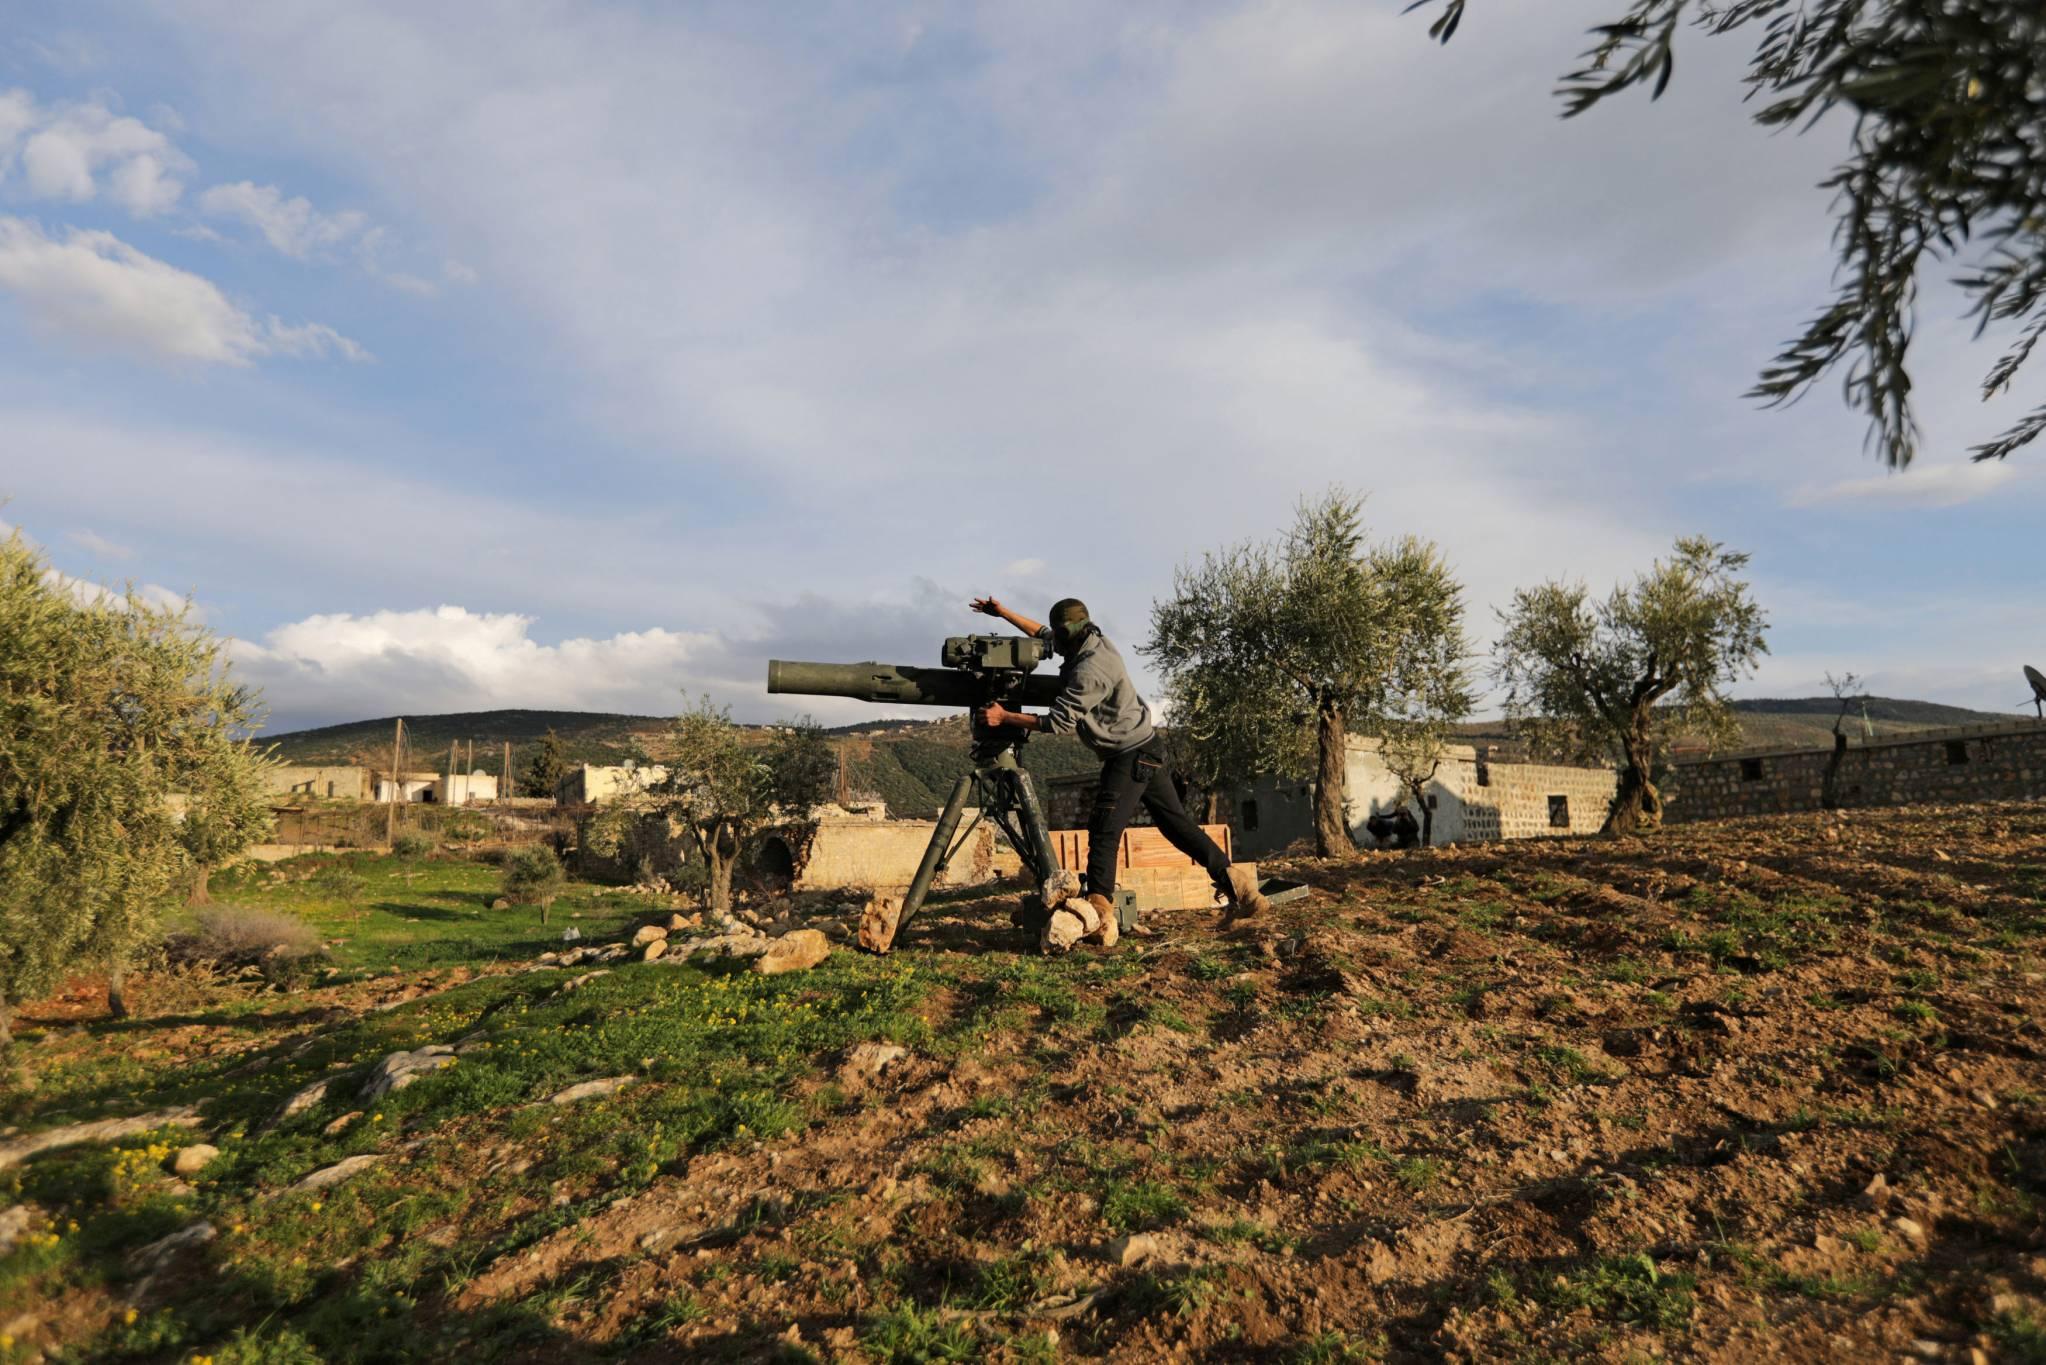 La Turquie investit et étend son influence dans le Nord syrien